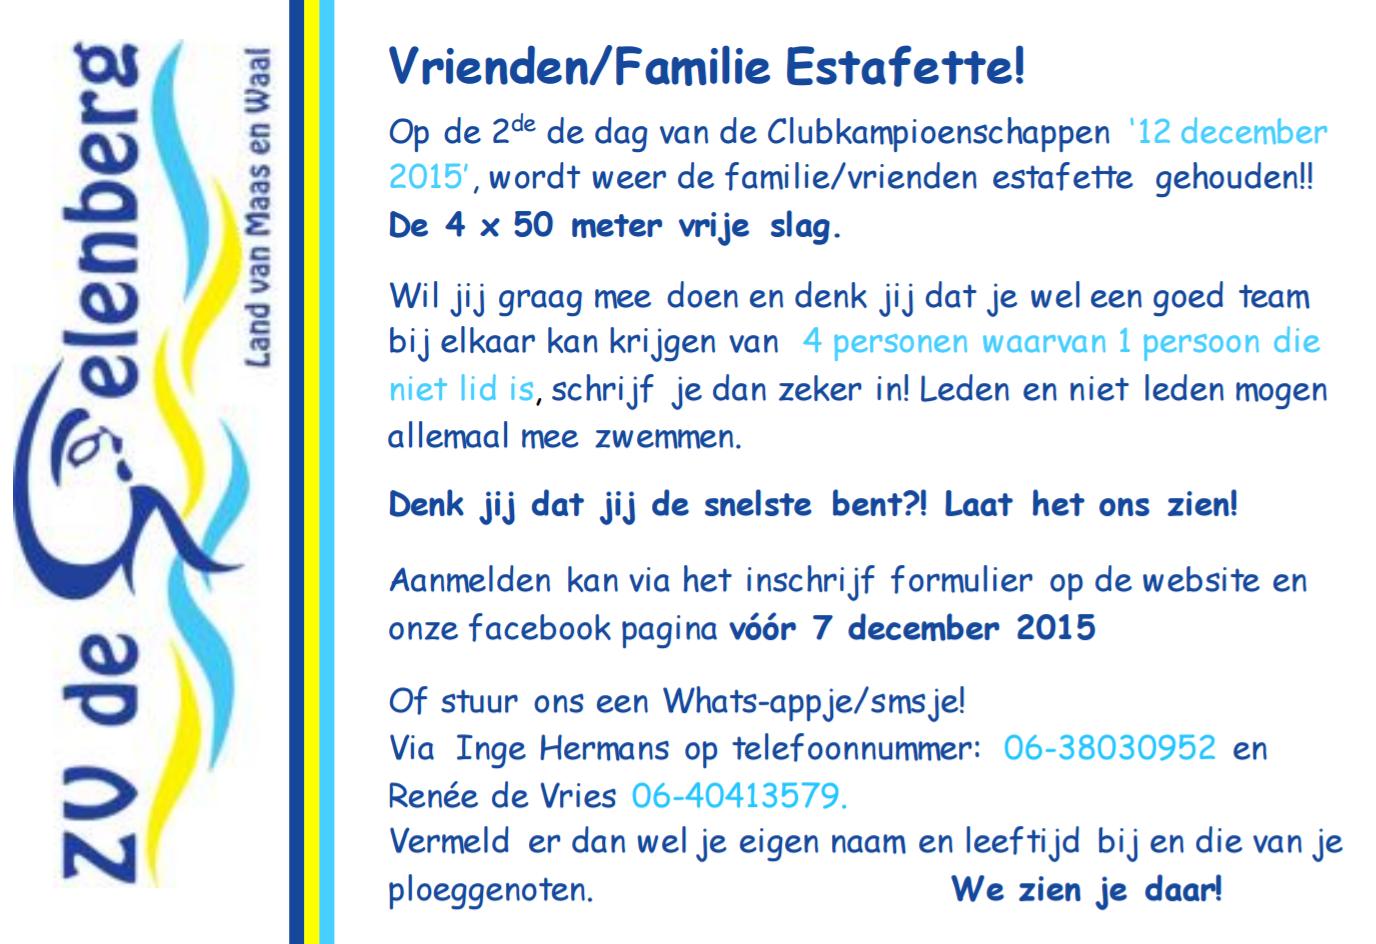 Vrienden-familie_estafette